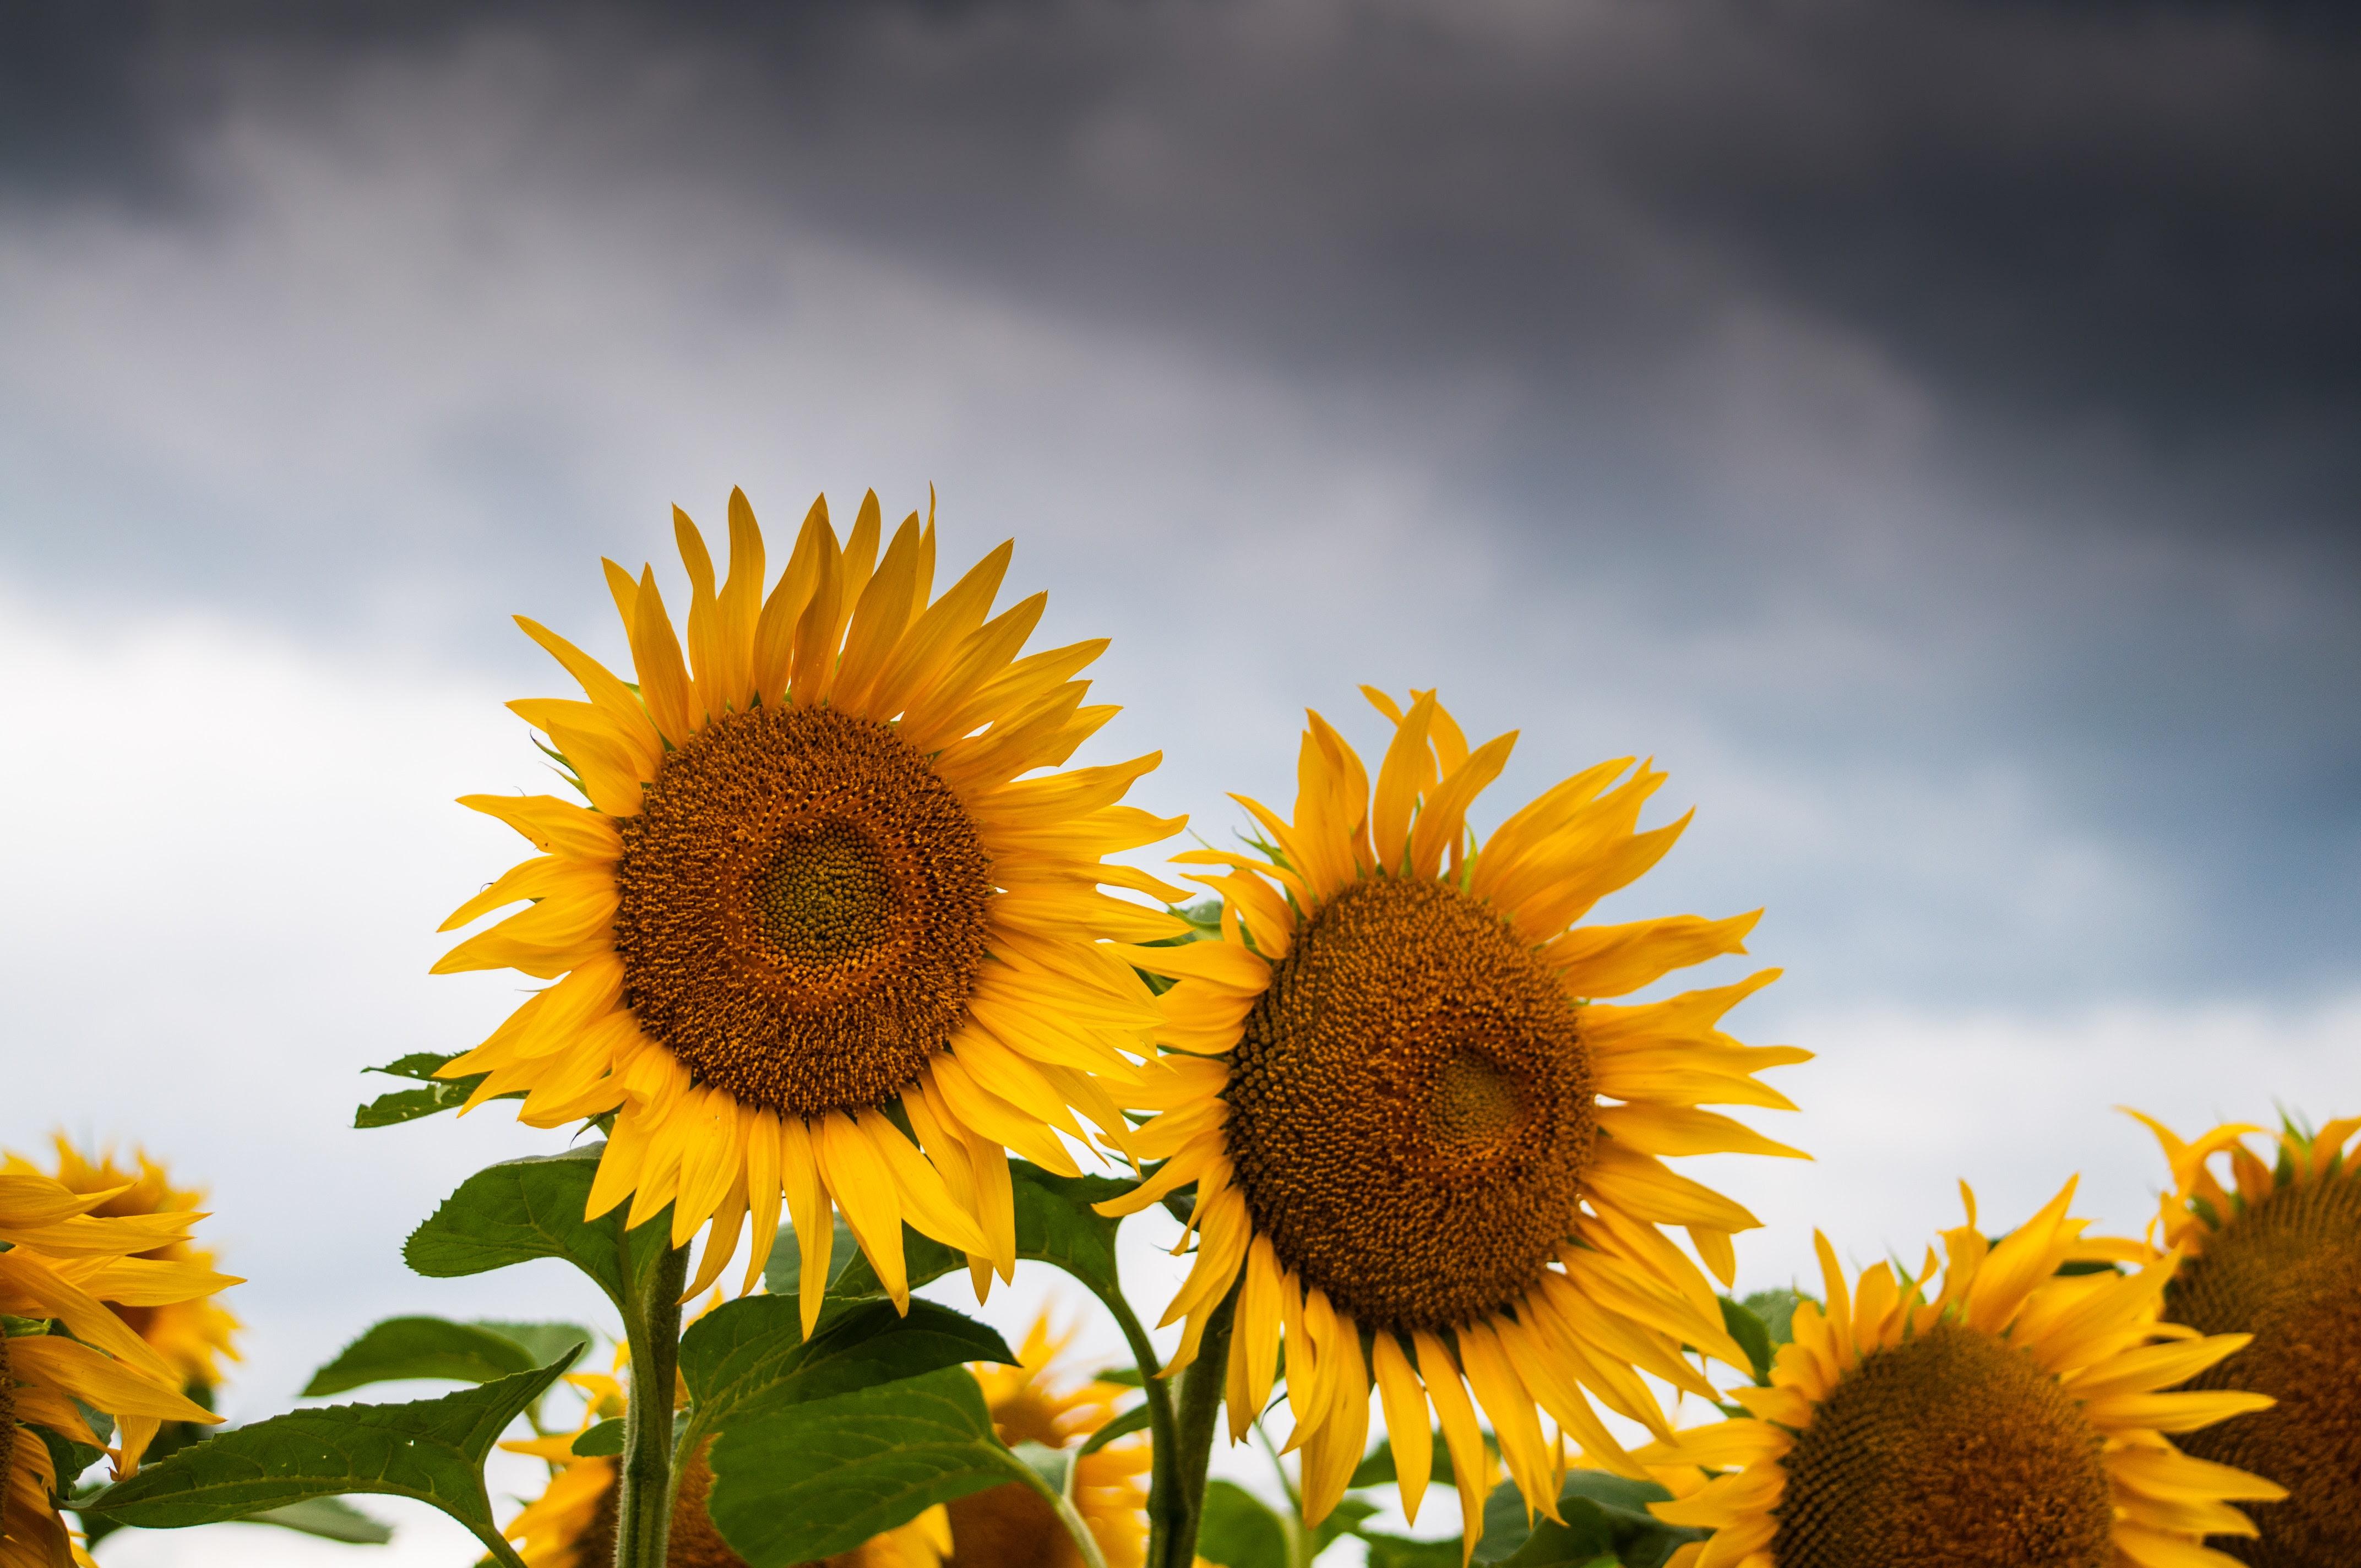 Sunflower Bloom  C2 B7 Free Stock Photo